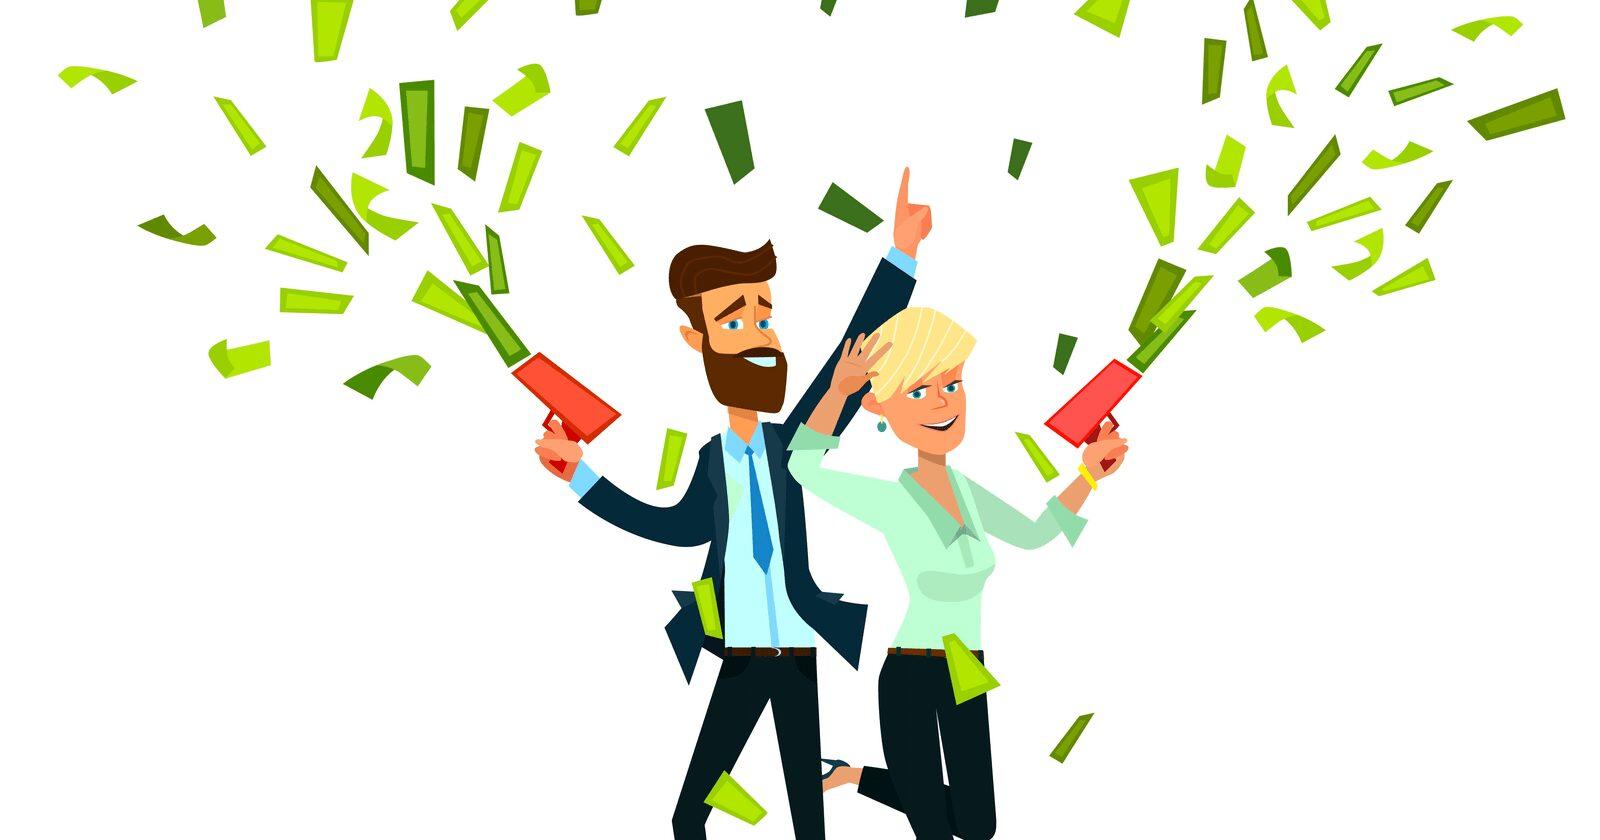 Les spécialistes du marketing dépenseront 1 milliard de dollars en publicité sur podcast d'ici 2021 [REPORT]